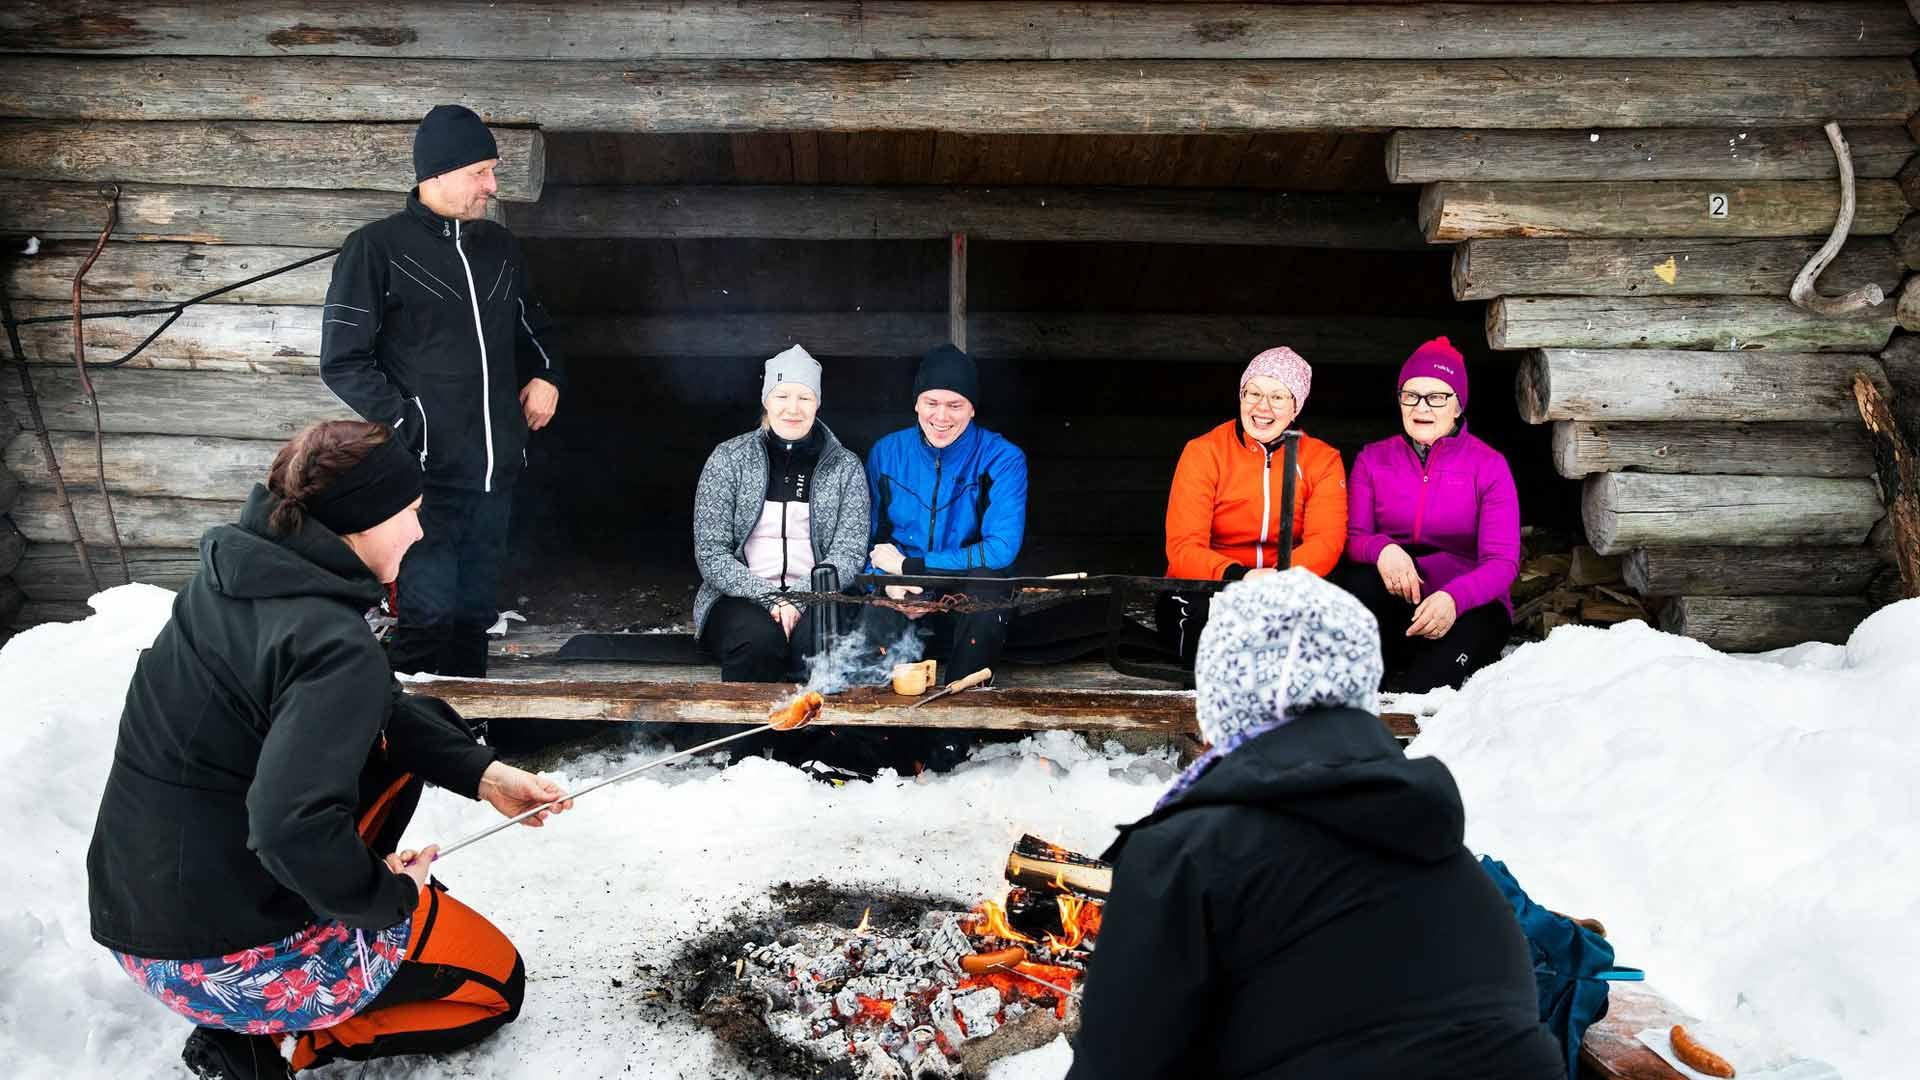 Liisa-Maria Pesonen, Henri Pajukoski, Riitta Papinsaari, Lissu Hannukainen, Noora Pääkkönen ja Miia Haverinen laavulla.